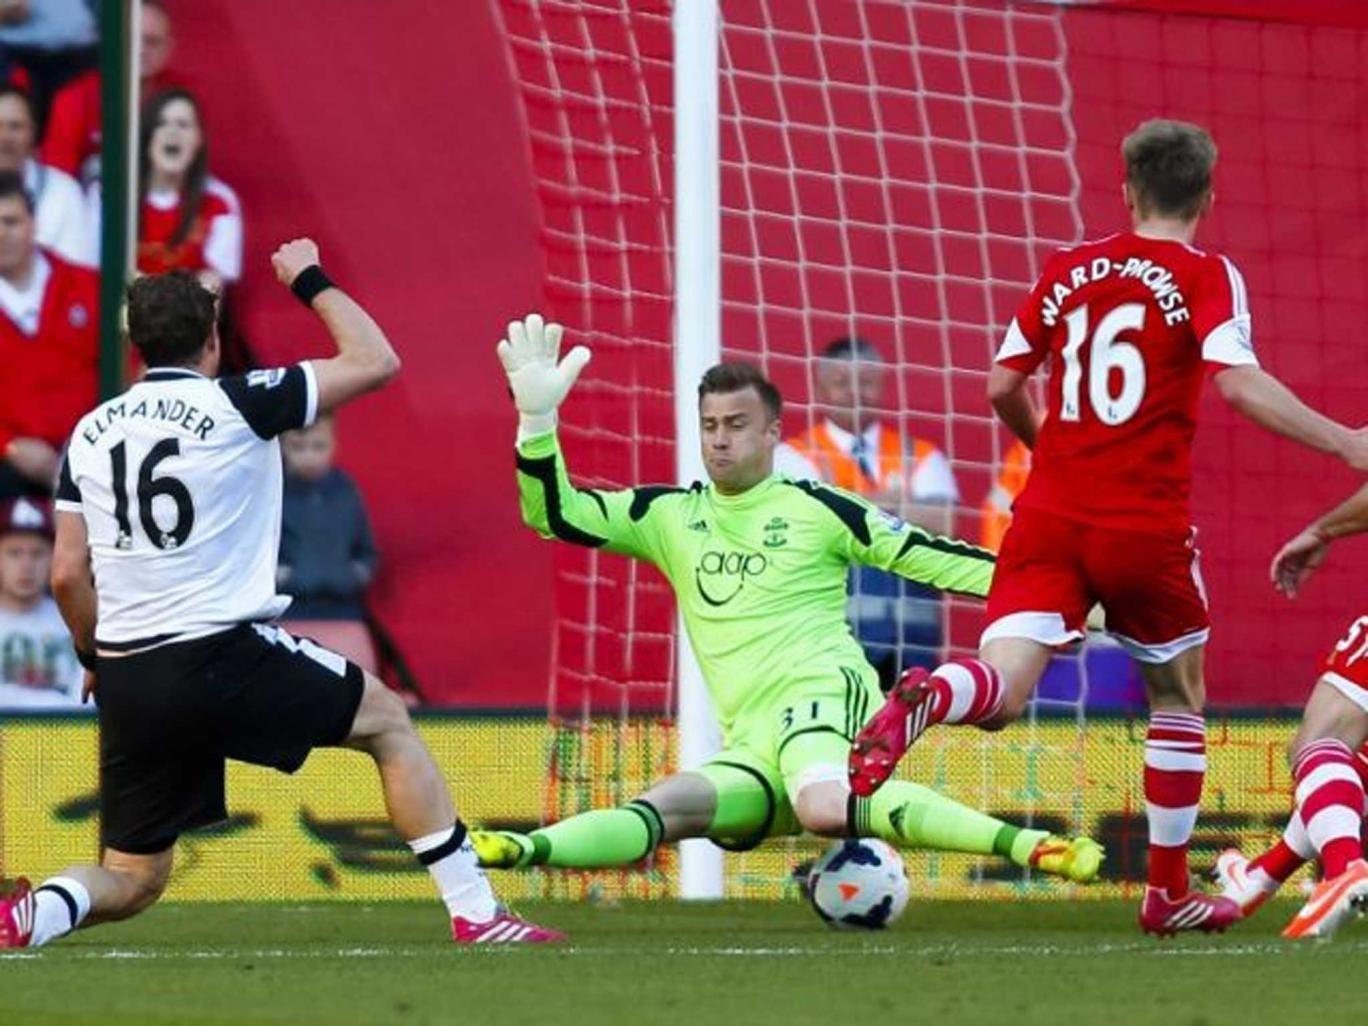 Norwich City's Johan Elmander scores past Southampton's Artur Boruc during the Barclays Premier League match